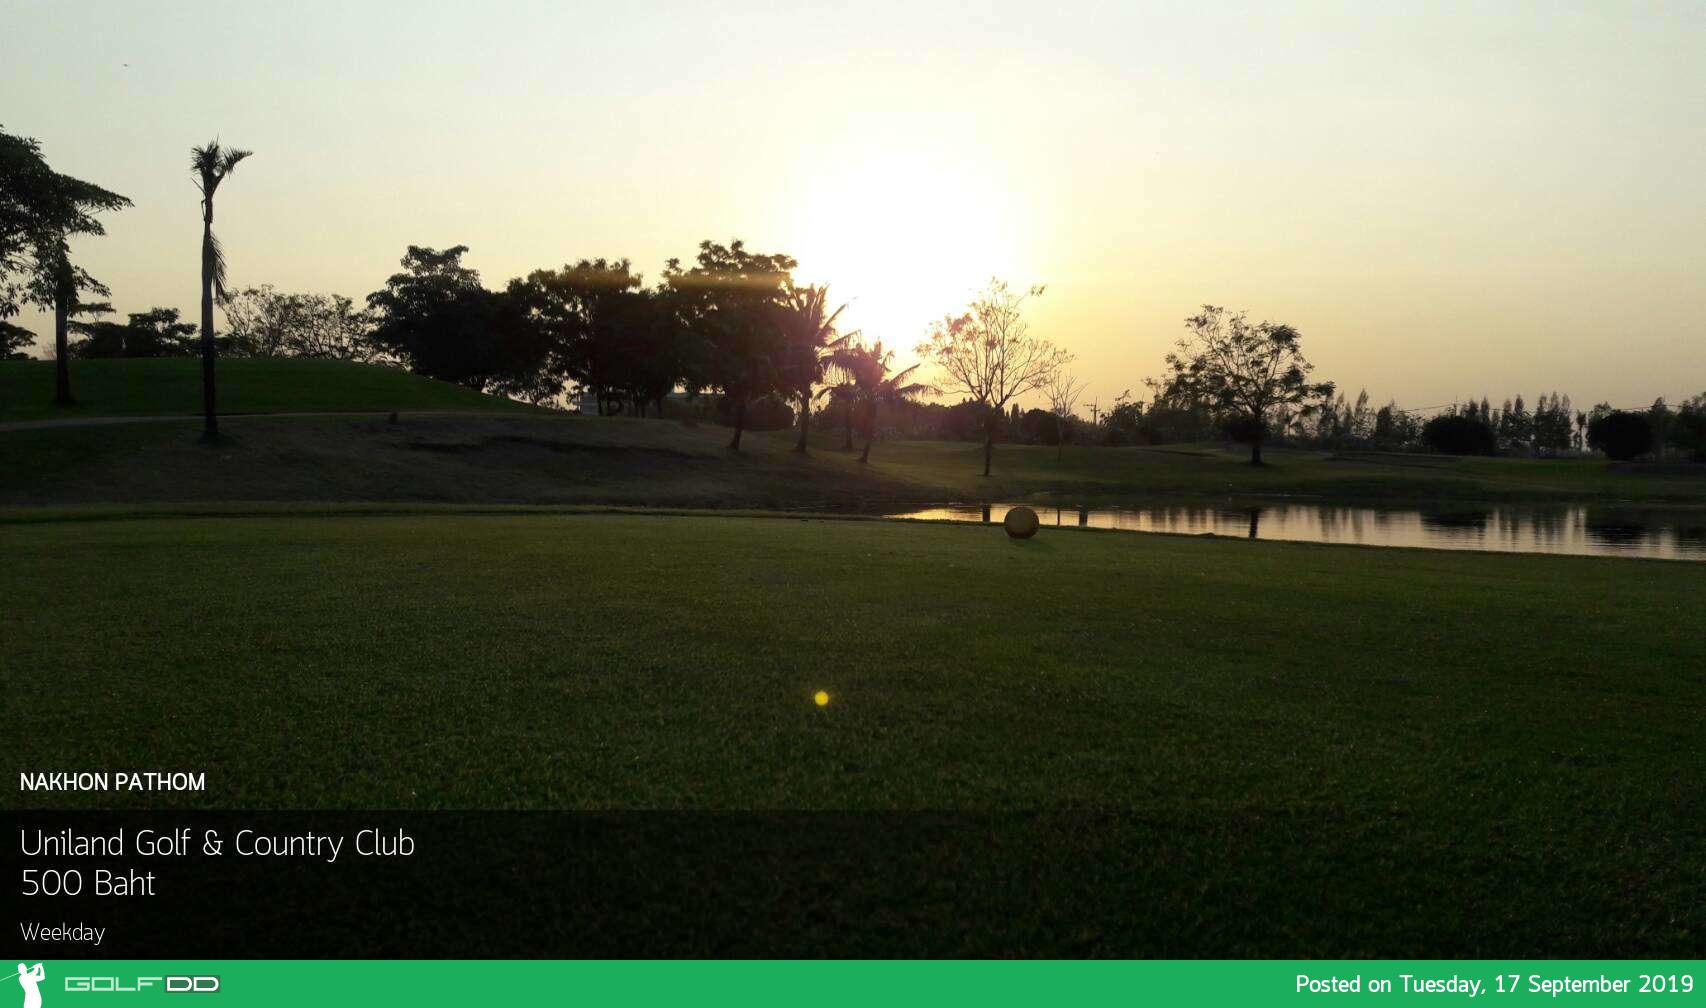 โปรยอดนิยม นครปฐม ลด 75% ที่ Uniland Golf & Country Club พร้อมจองผ่าน golfdd จ่ายเงินที่สนามได้เลย